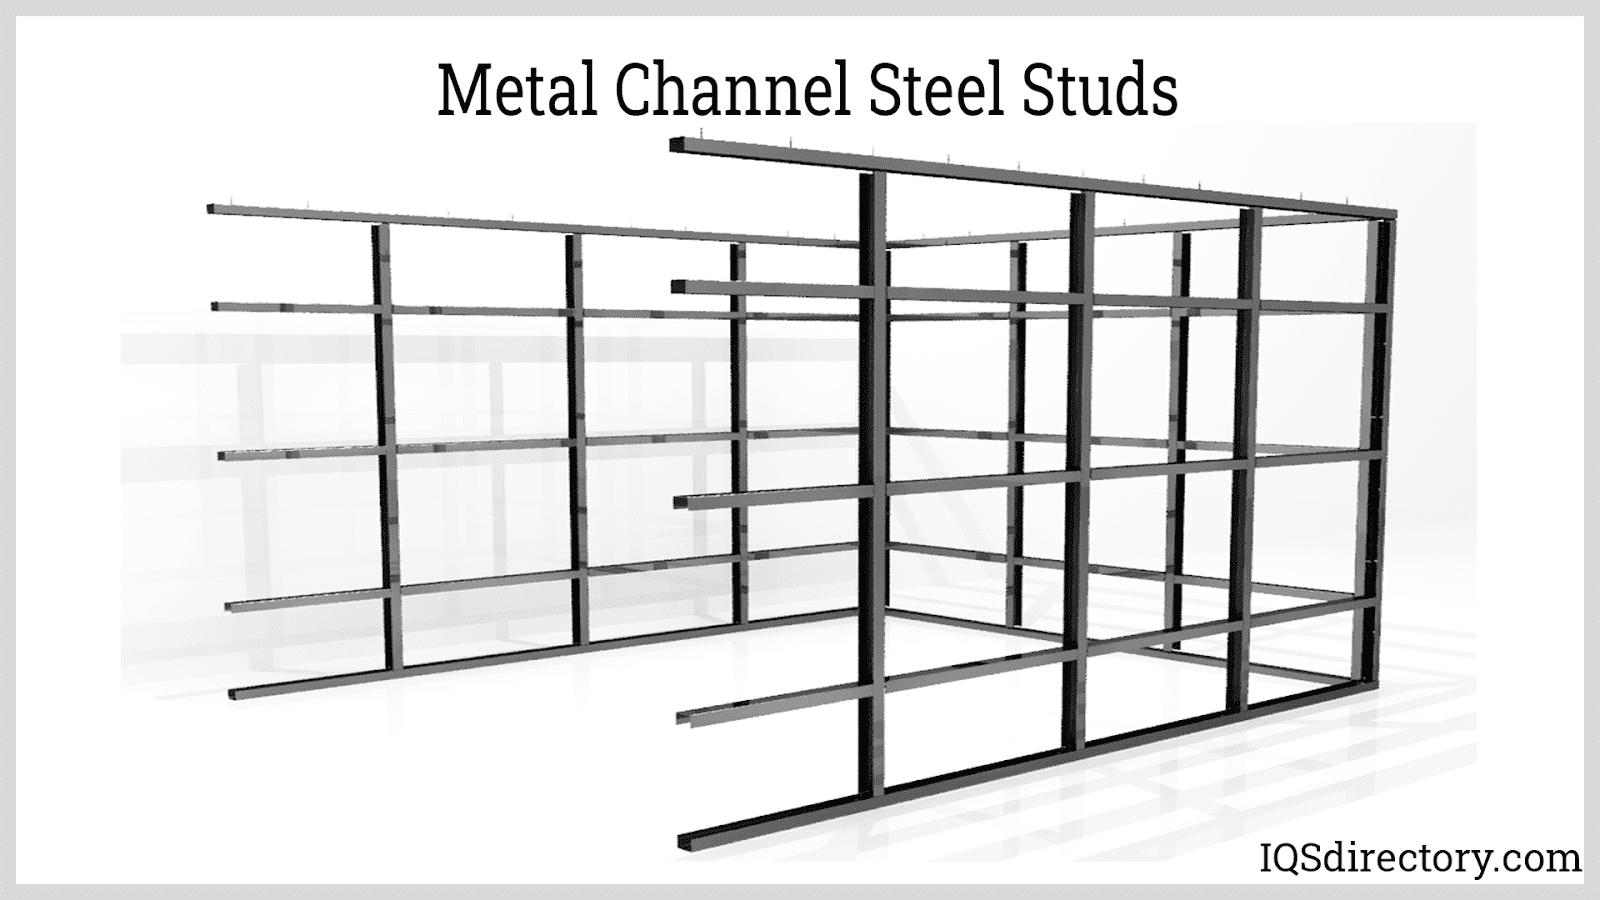 Metal Channel Steel Studs